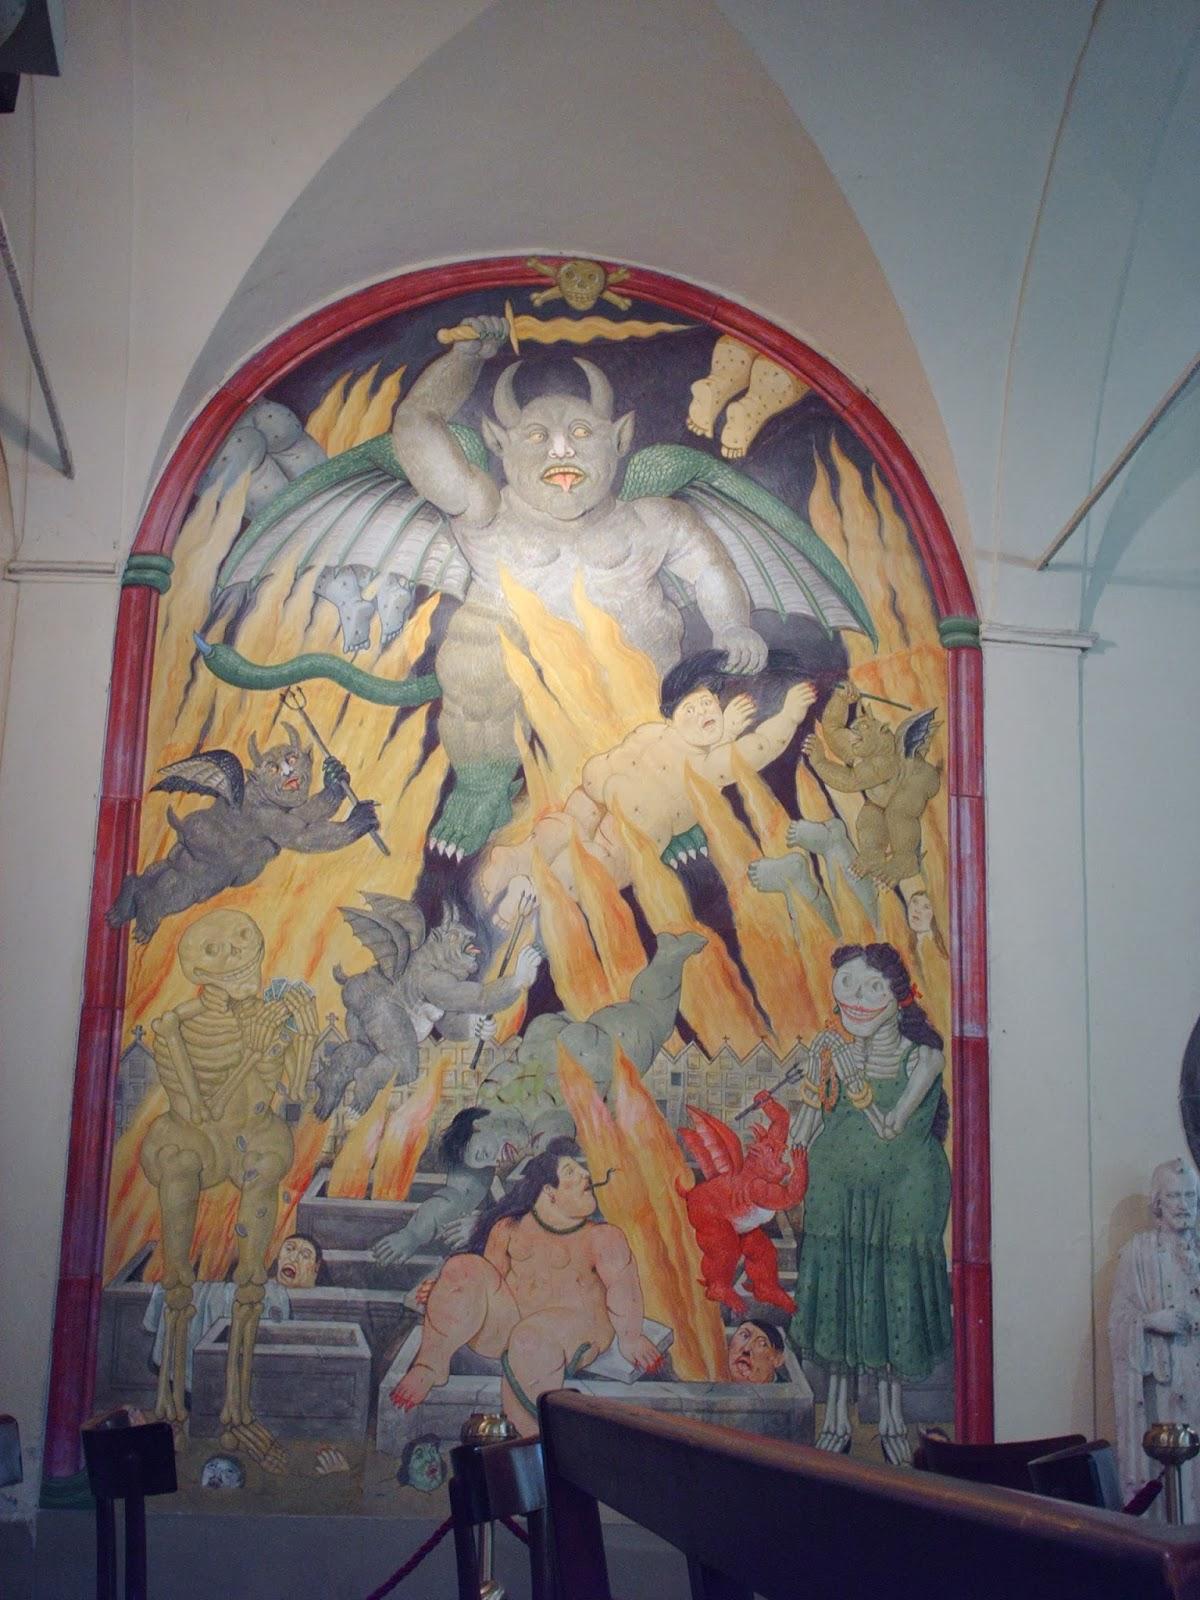 I dintorni di Viareggio: due borghi da visitare nelle sue vicinanze